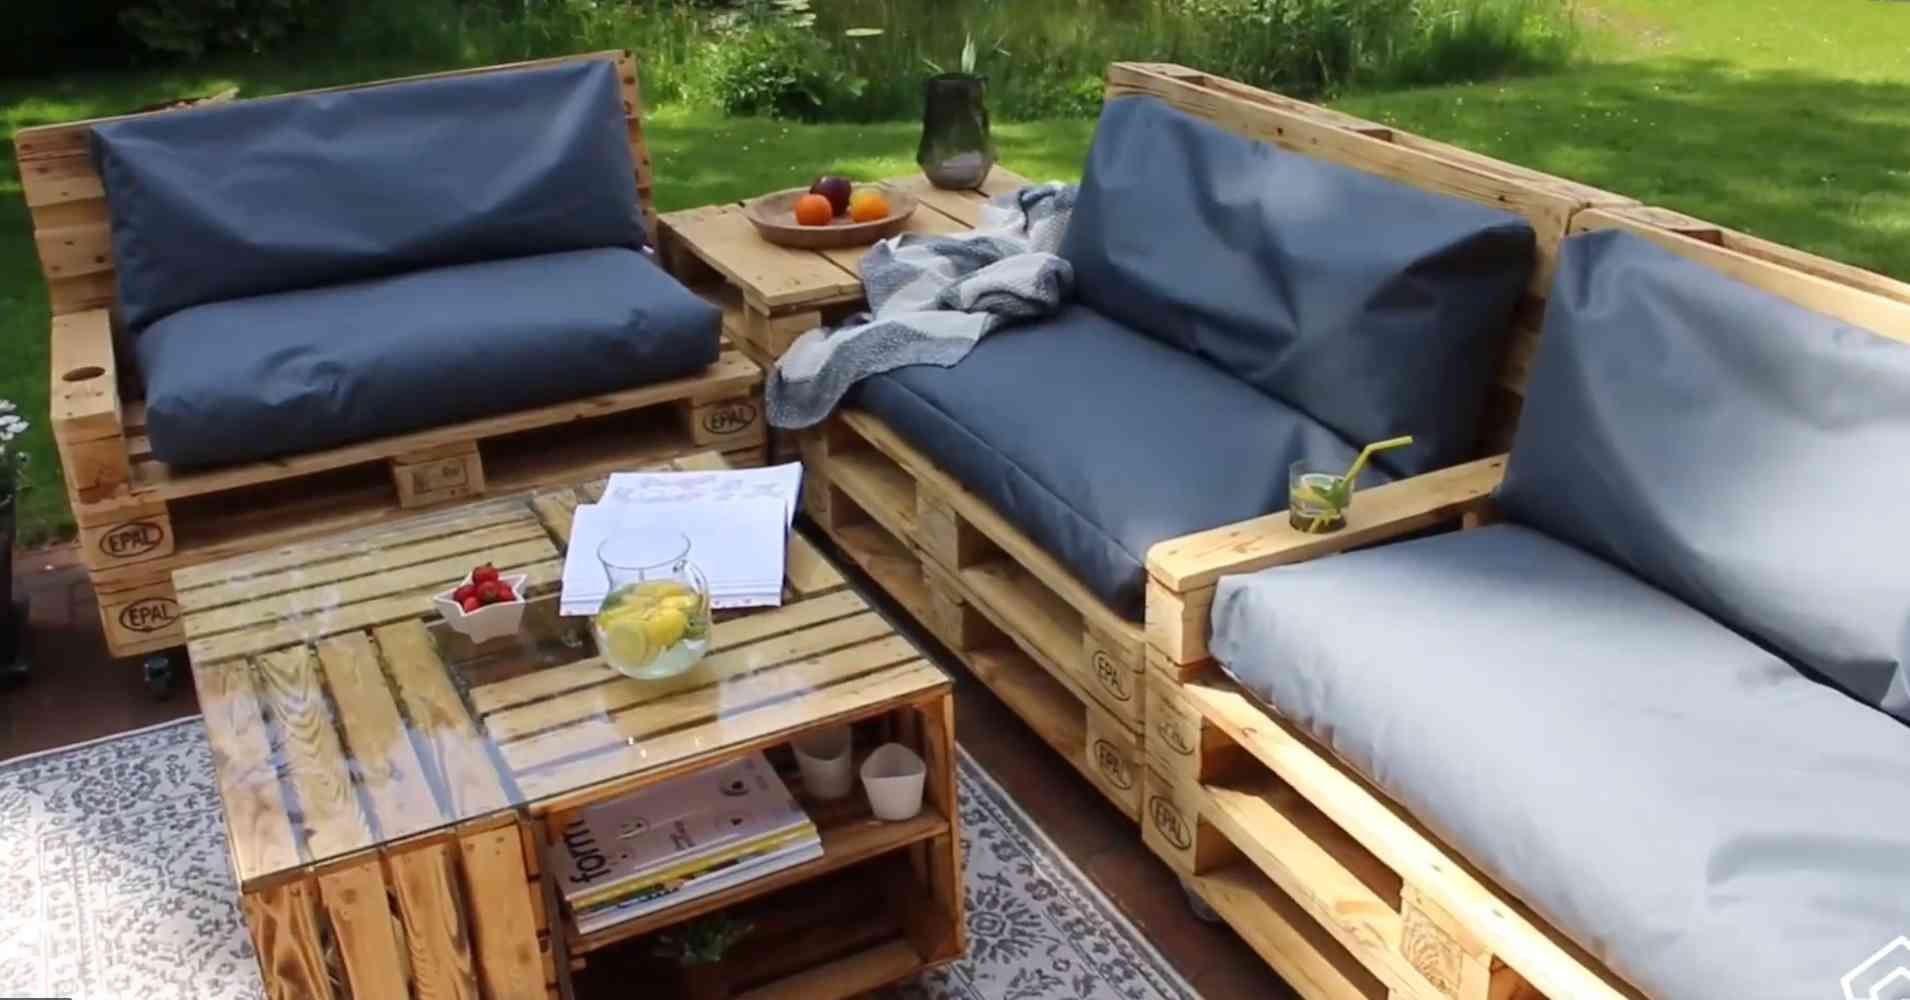 Tisch Sessel Aus Paletten Bauen Diy Anleitung Video Paletten Möbel Bauen Möbel Aus Paletten Paletten Sessel